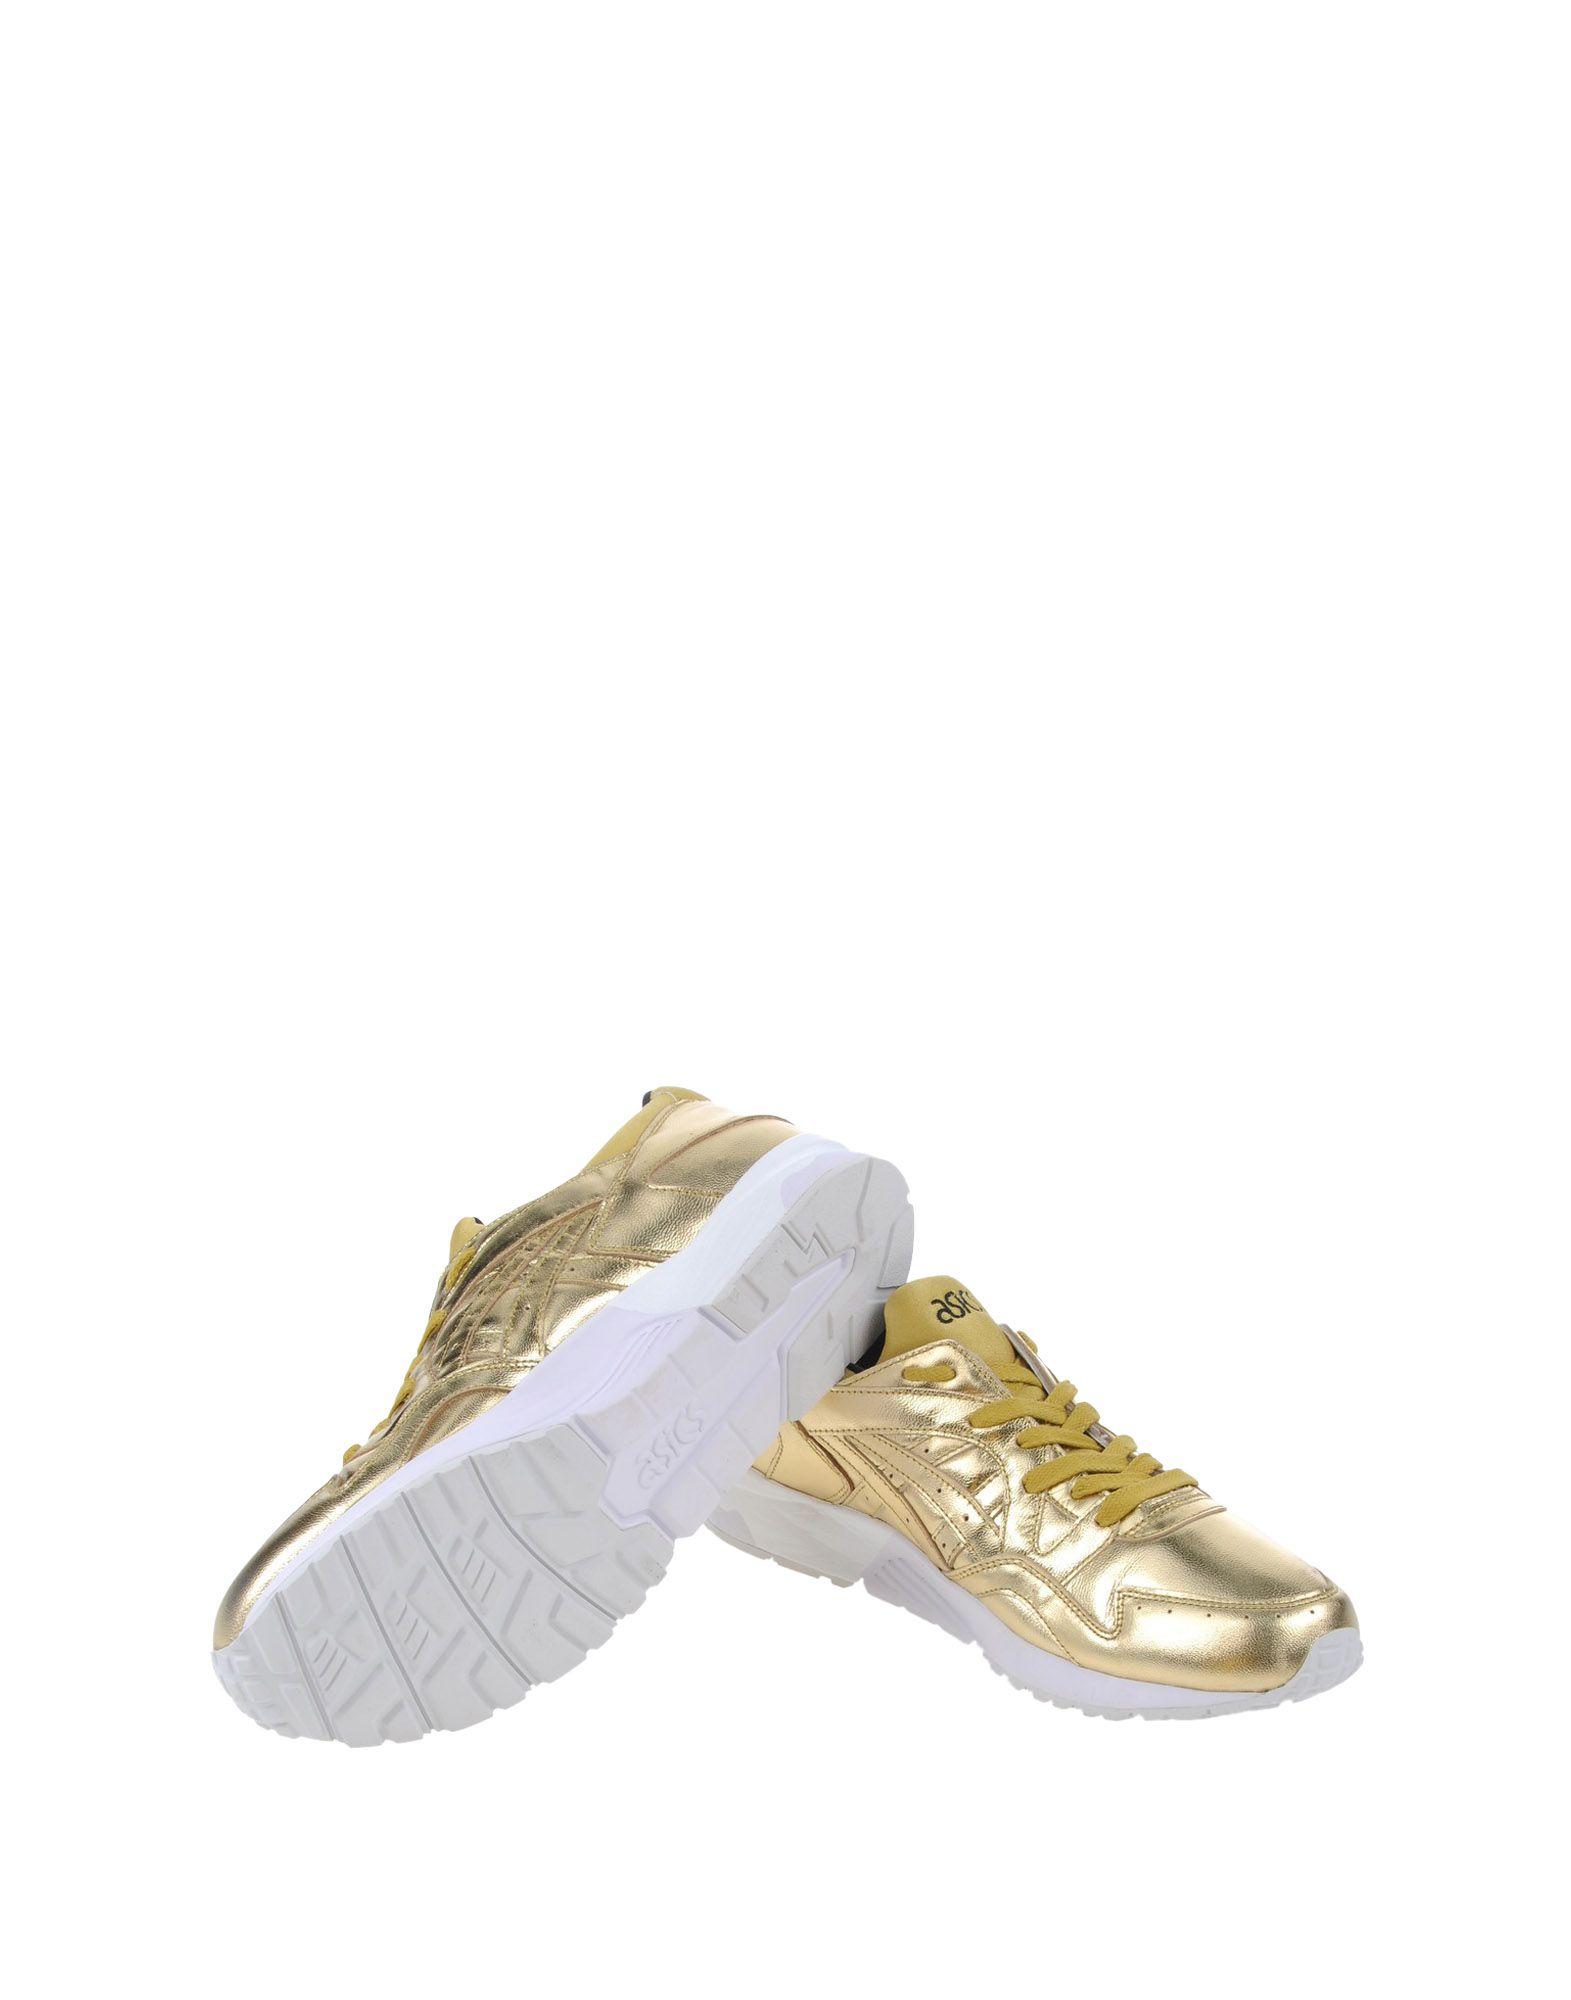 Sneakers Asics Tiger Gel Lyte V - Homme - Sneakers Asics Tiger sur